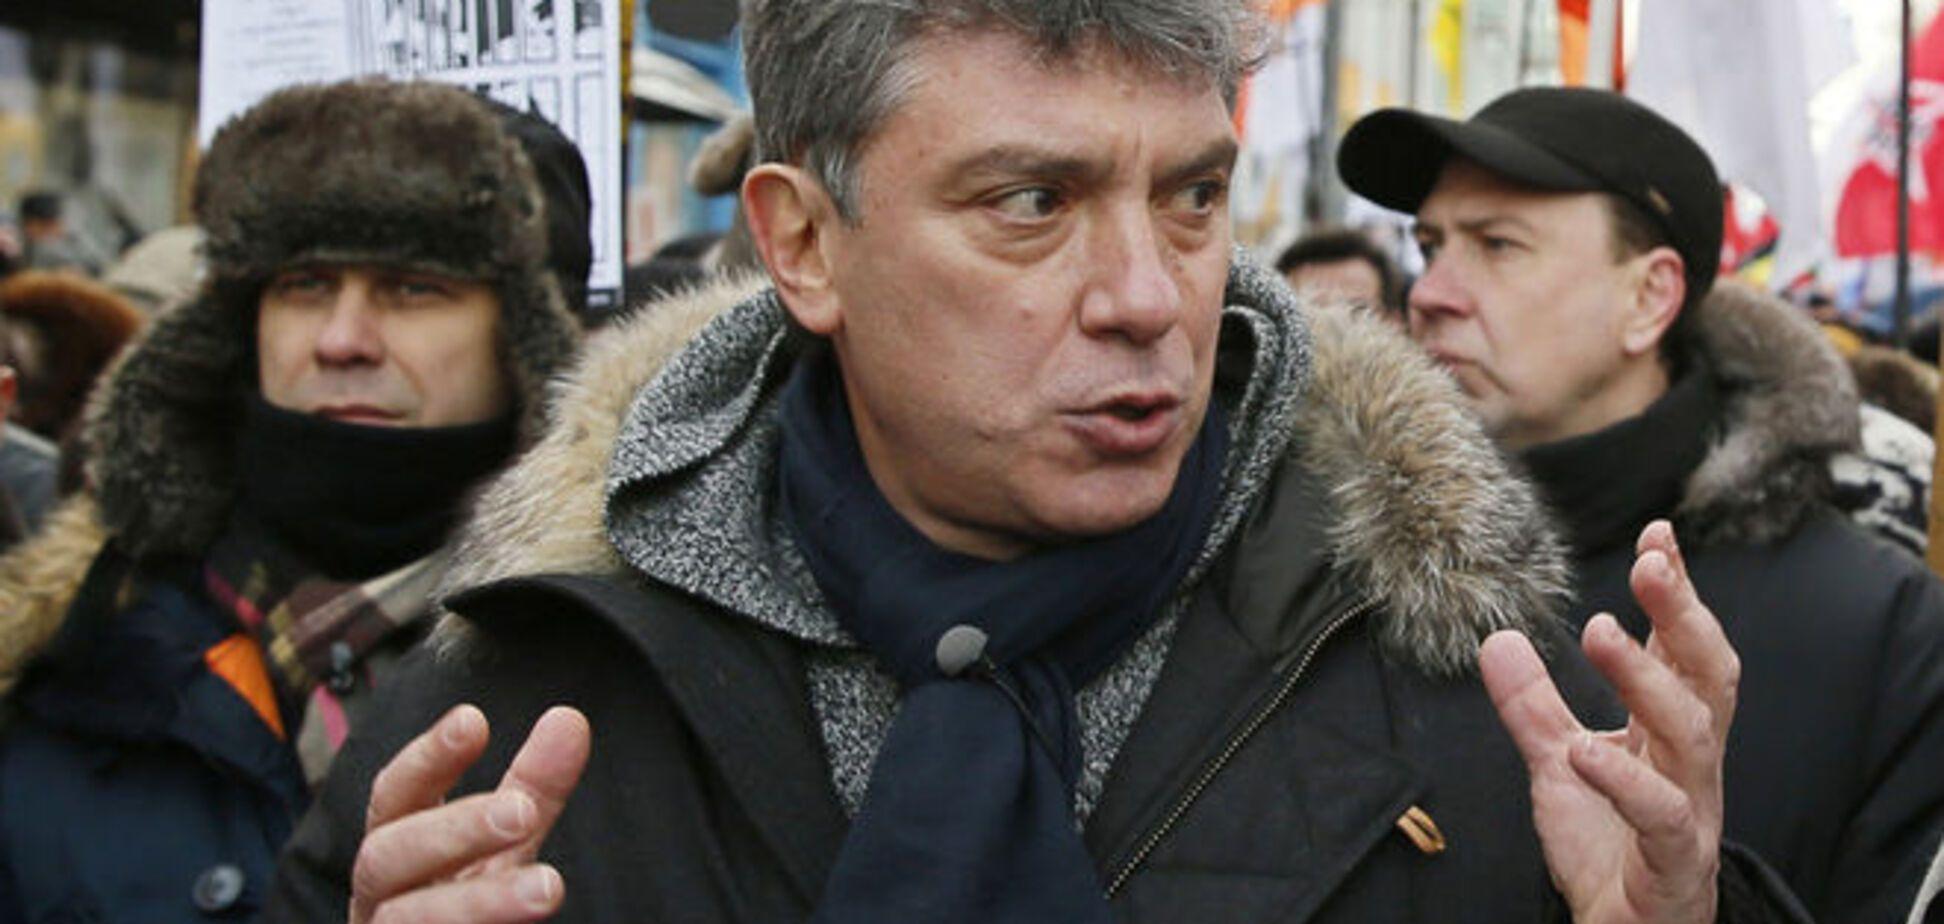 Немцов должен был передать пакет документов о преступных намерениях Путина - источник